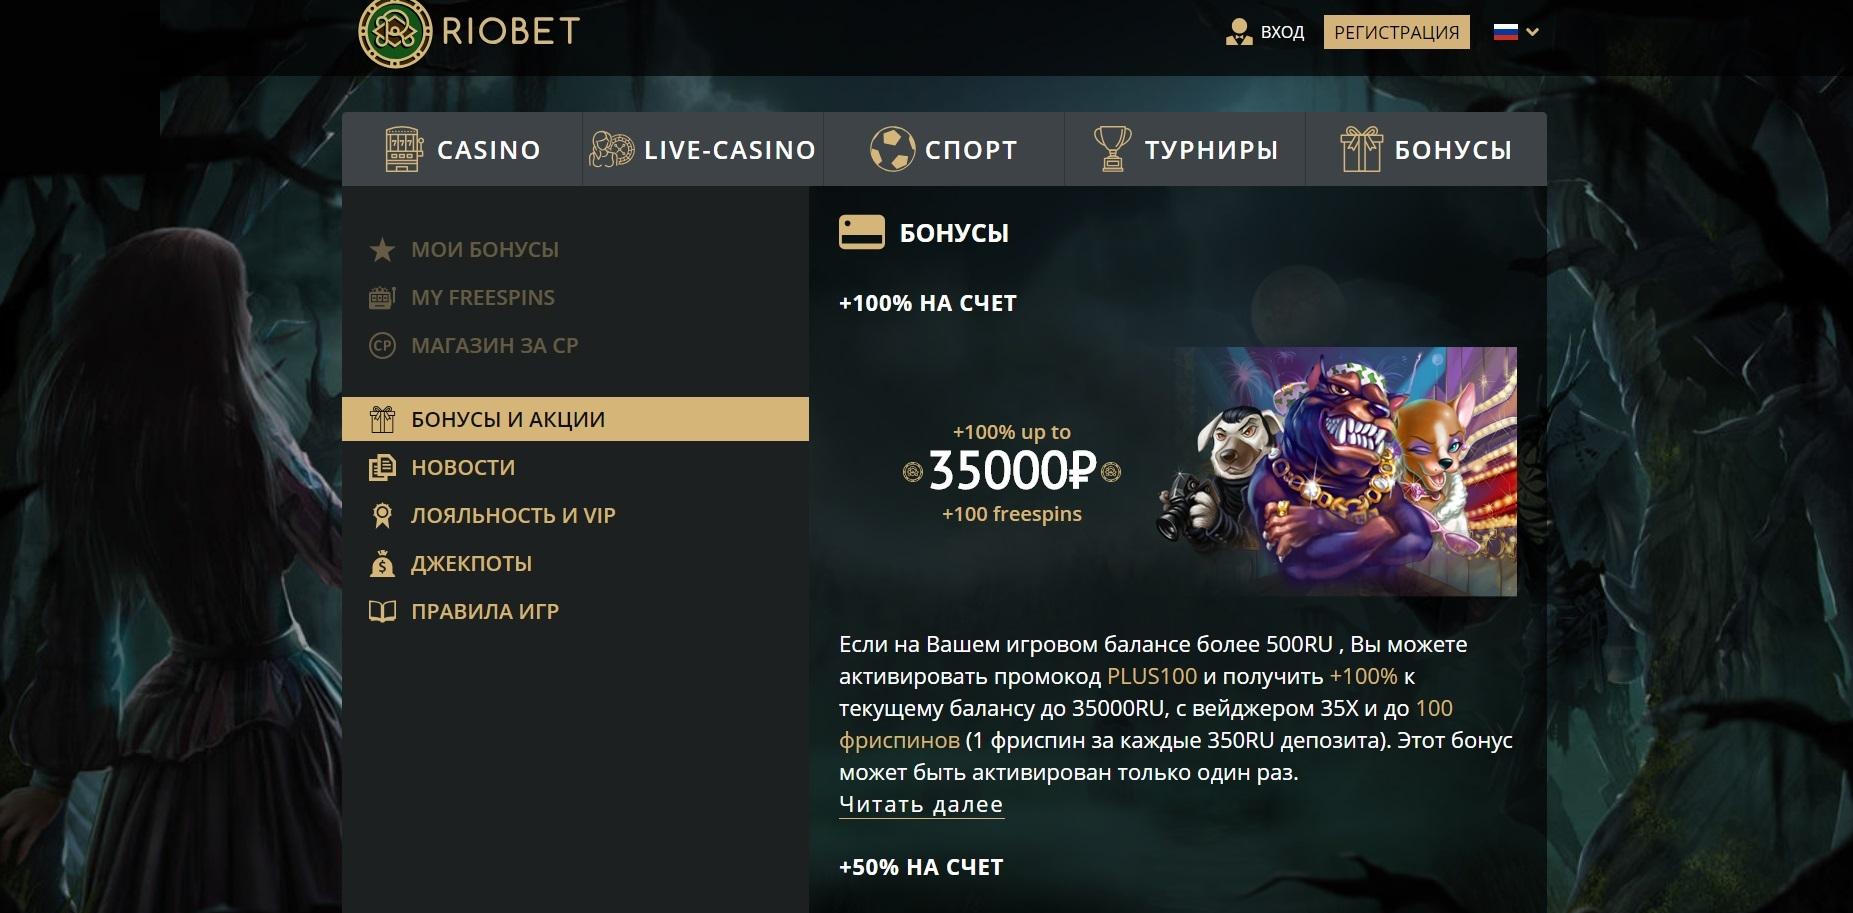 Riobet официальный сайт отзывы